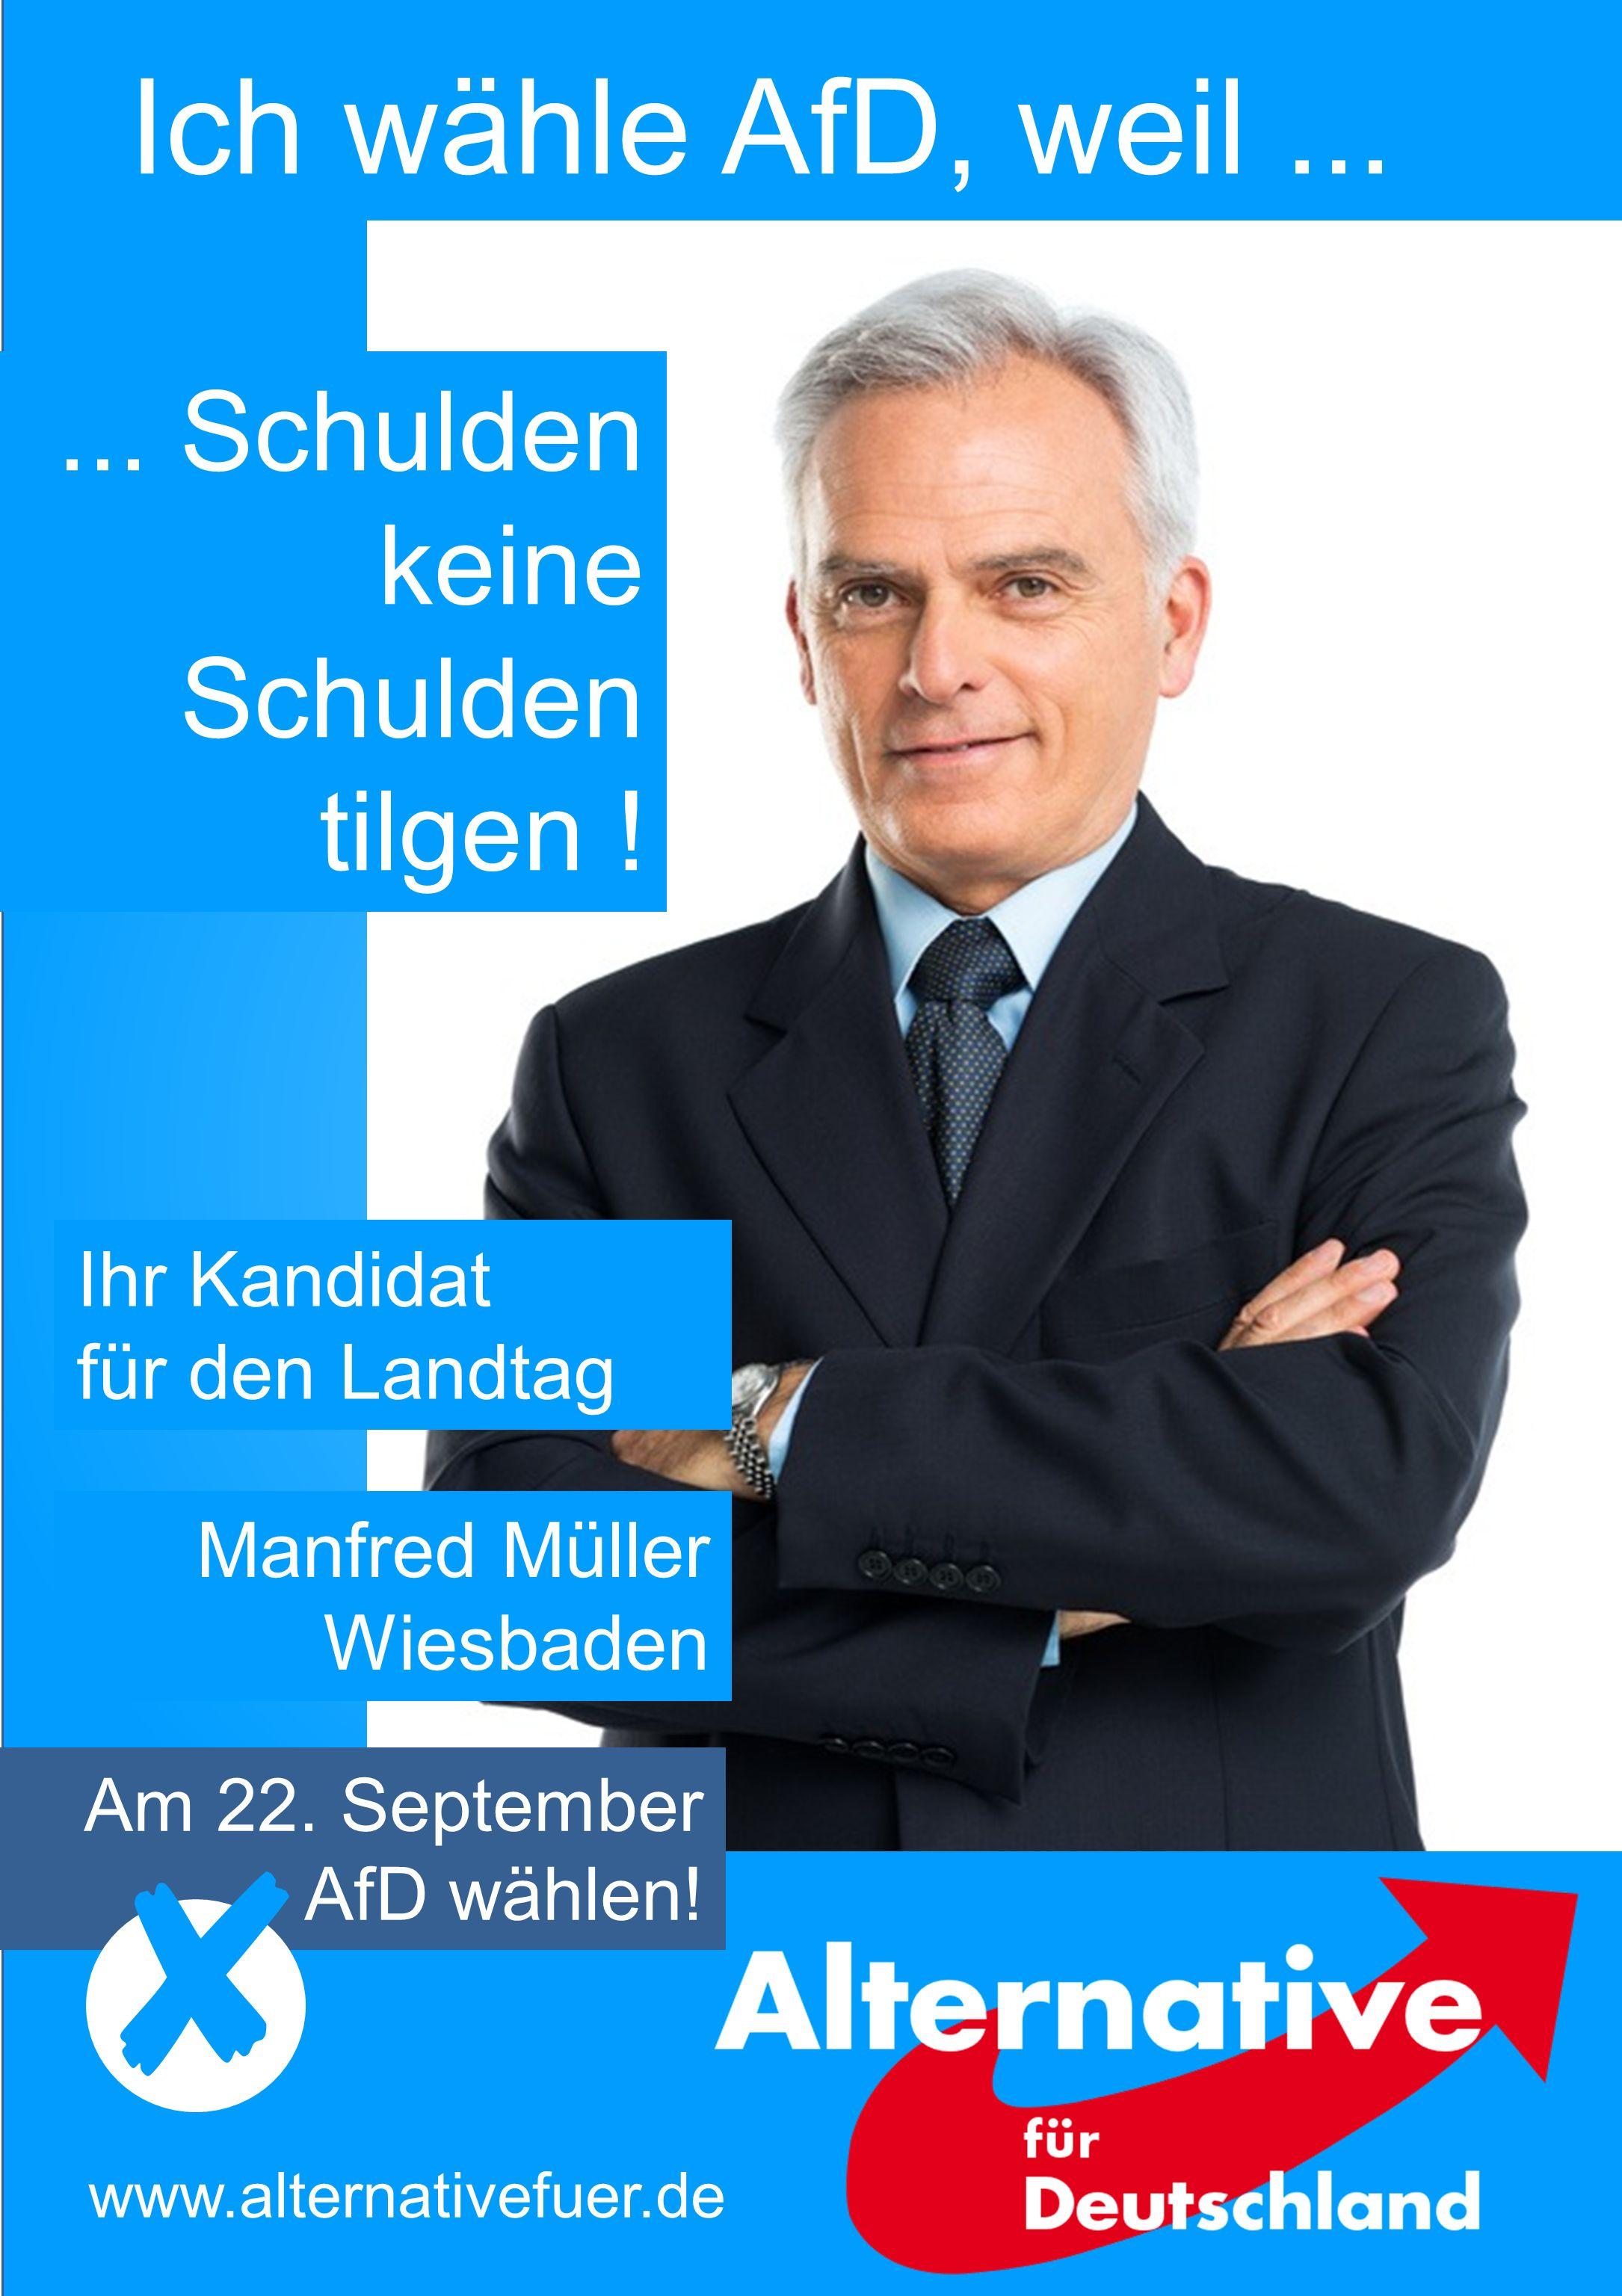 Ich wähle AfD, weil... Am 22. September AfD wählen! www.alternativefuer.de Manfred Müller Wiesbaden Ihr Kandidat für den Landtag... Schulden keine Sch